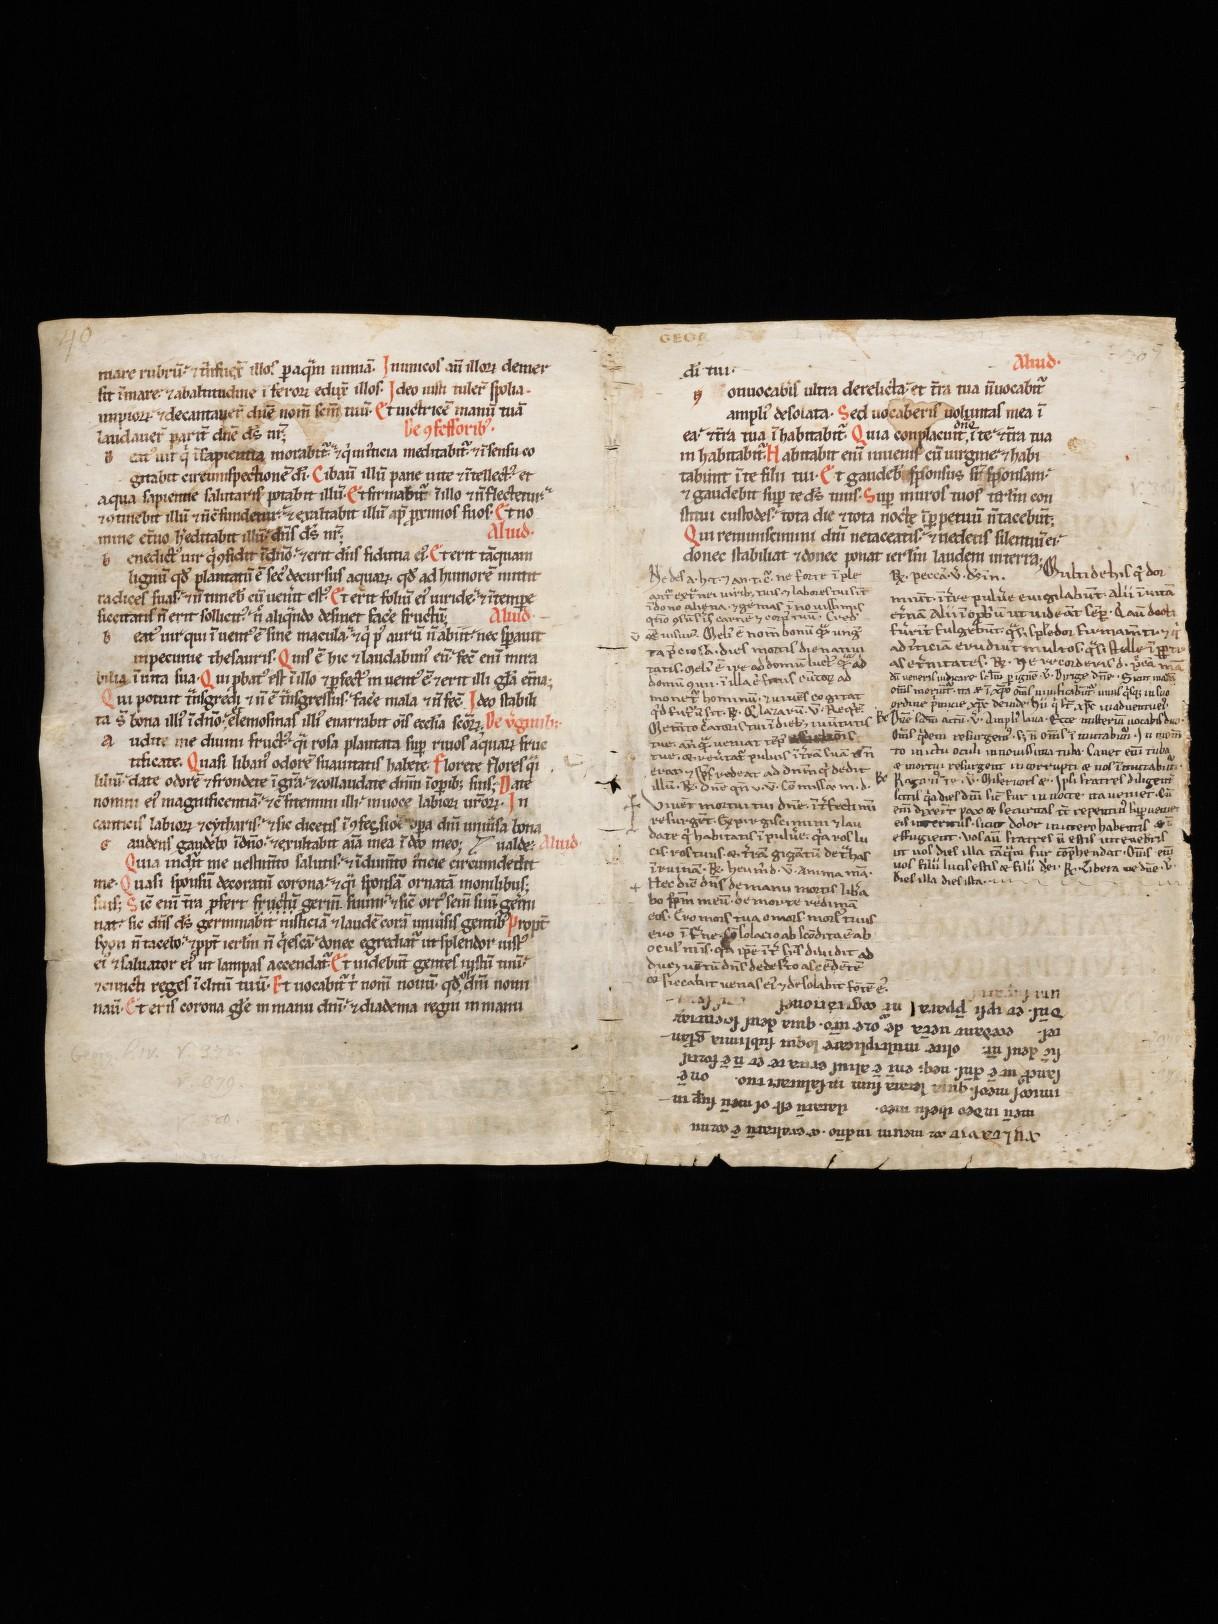 Cod. Sang. 1394, p. 40